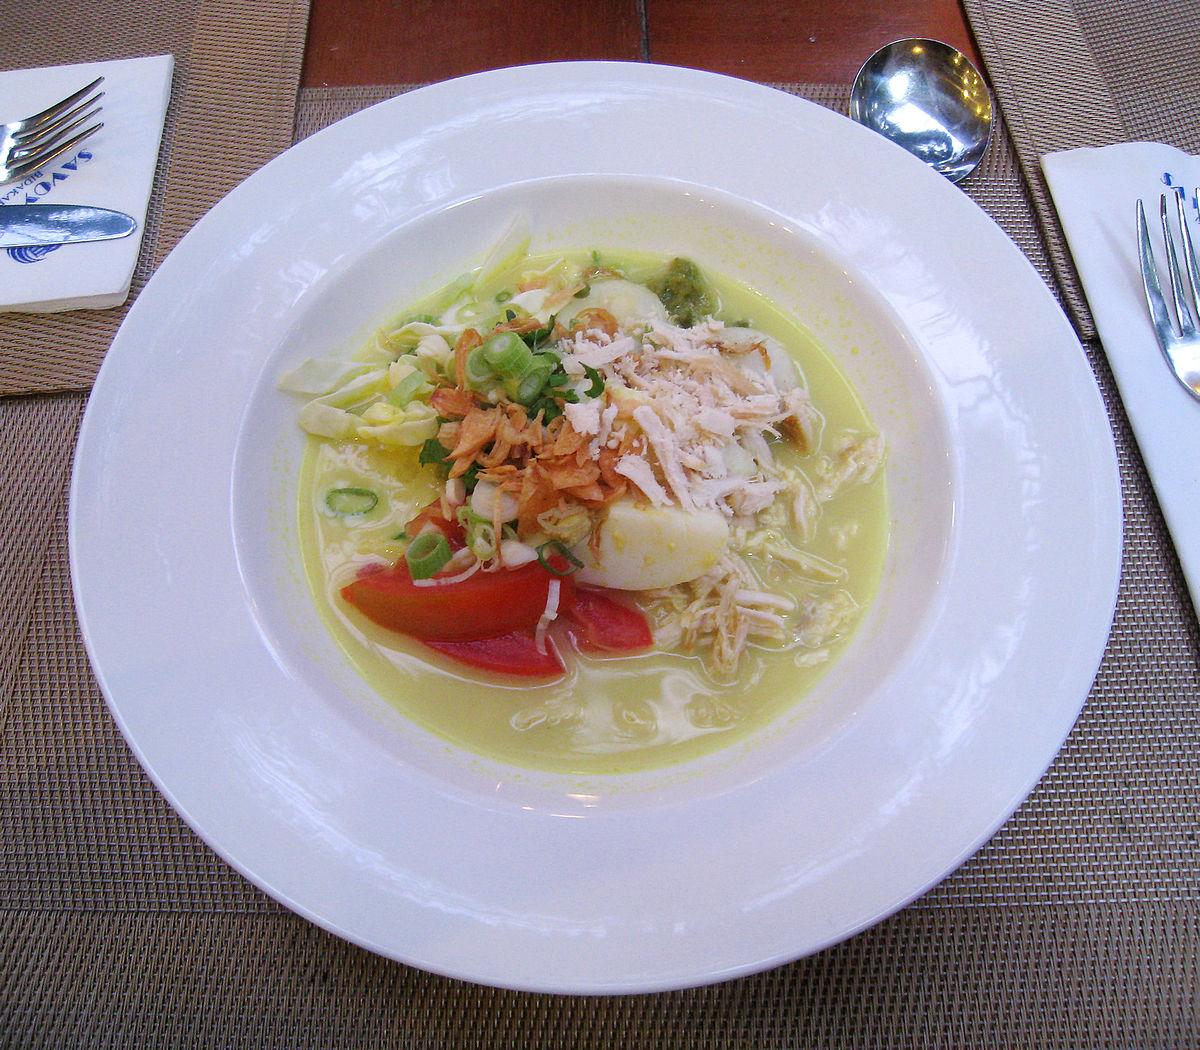 Food: Soto (food)